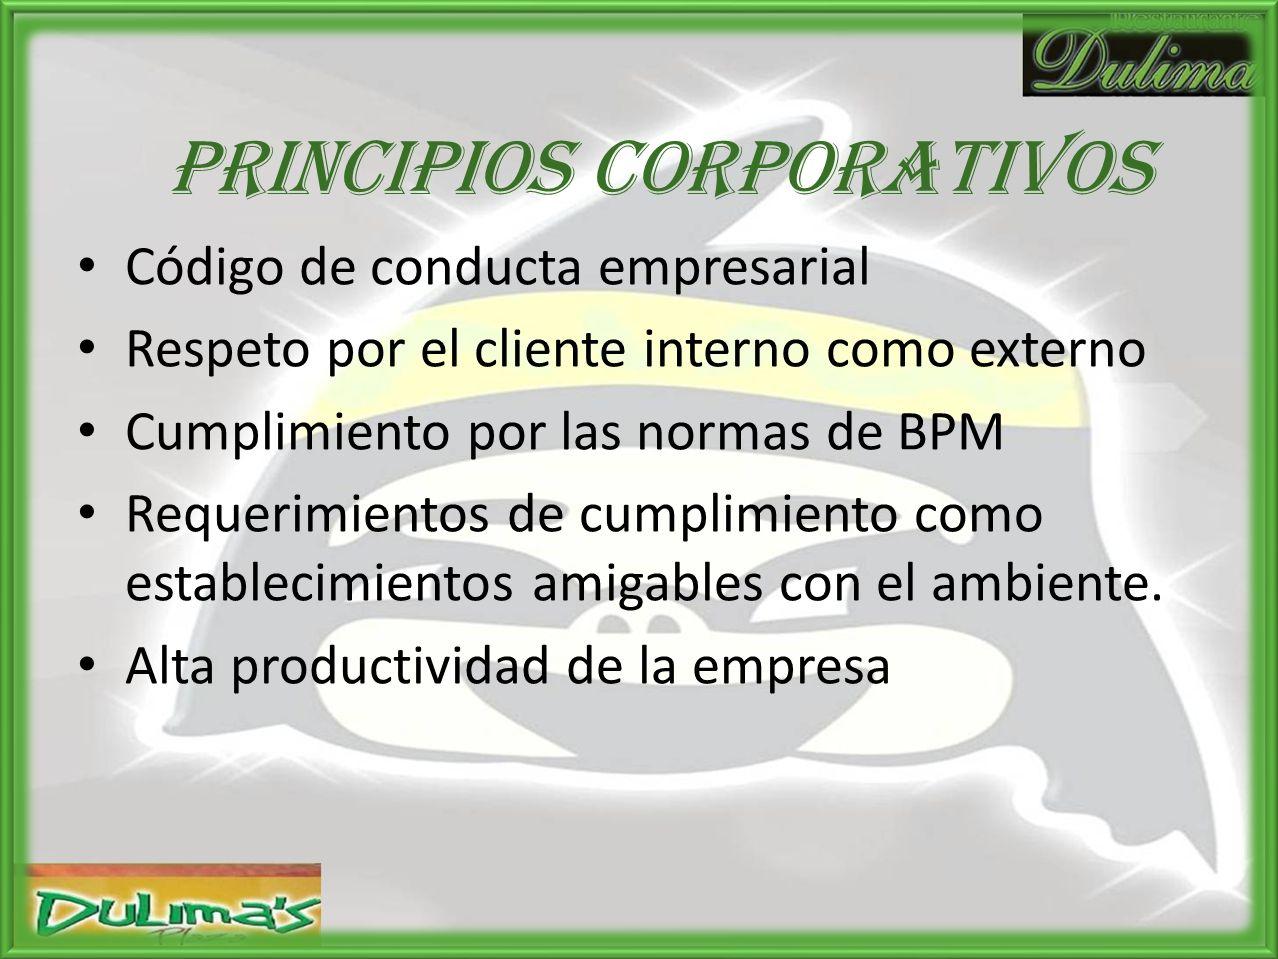 PRINCIPIOS CORPORATIVOS Código de conducta empresarial Respeto por el cliente interno como externo Cumplimiento por las normas de BPM Requerimientos de cumplimiento como establecimientos amigables con el ambiente.